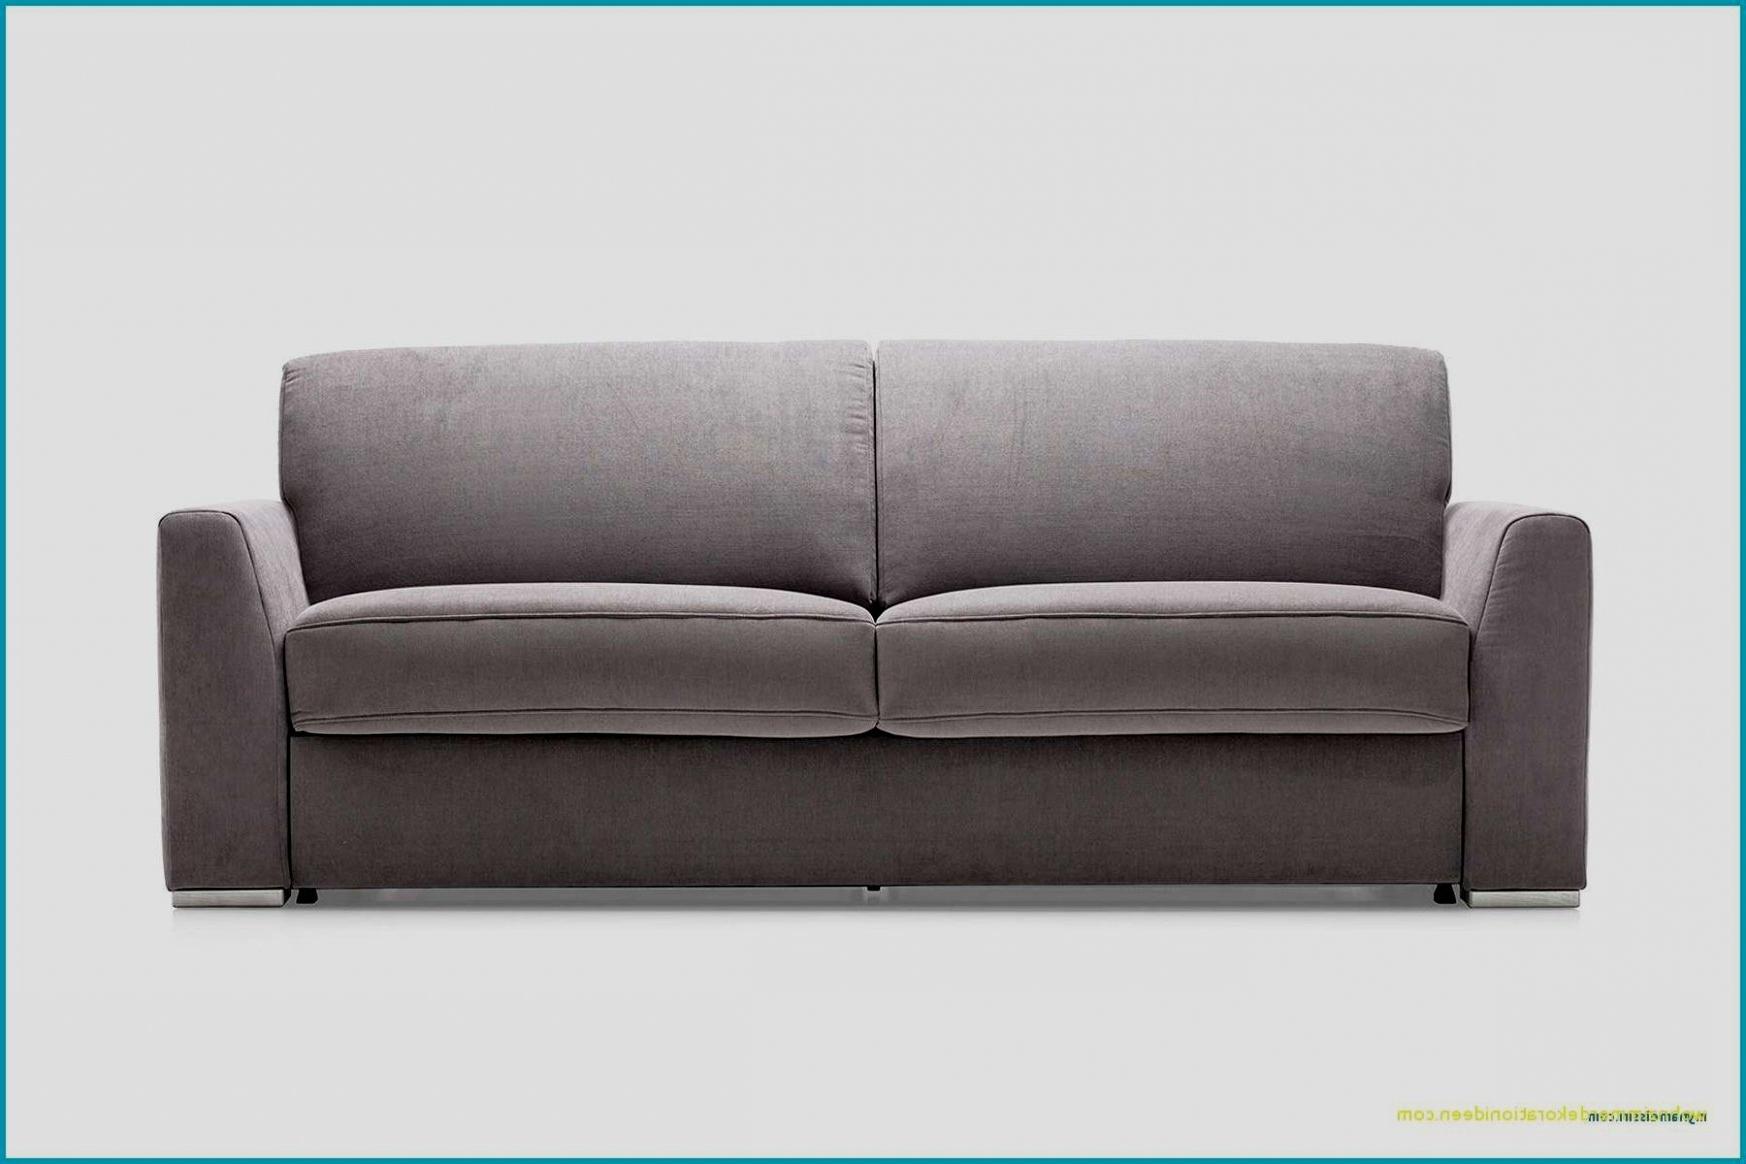 Sofas De Ocasion T8dj sofas De Ocasion Especial sofa De 42 Entwurf 1291swizz